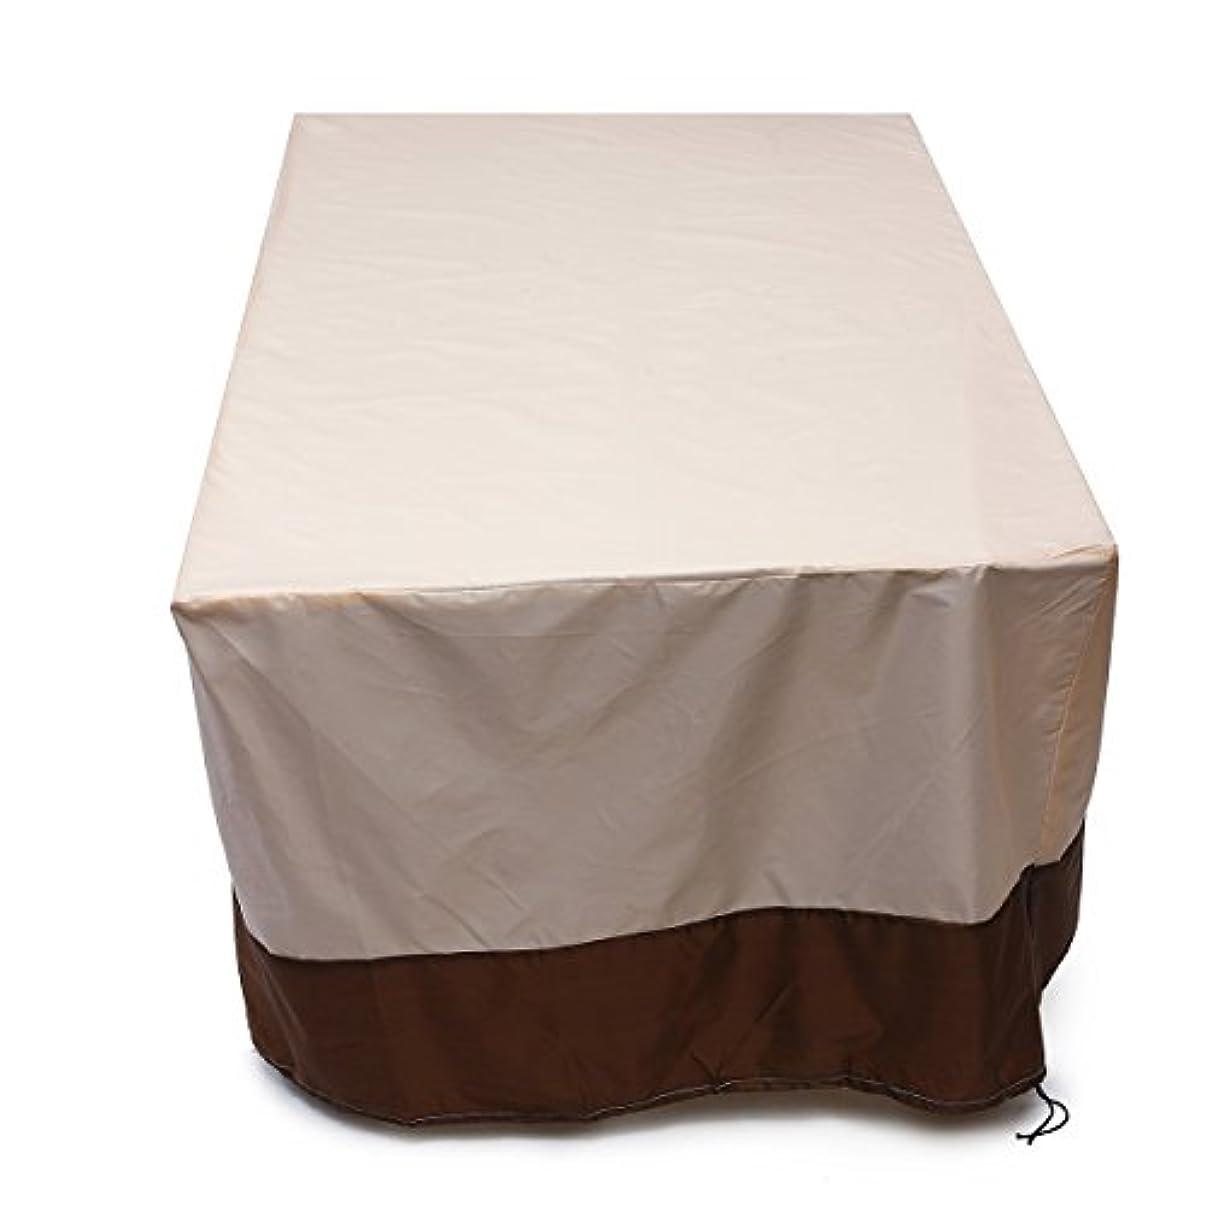 容器哲学者爬虫類屋外テーブルと椅子防水日焼け止め家具ダストカバー